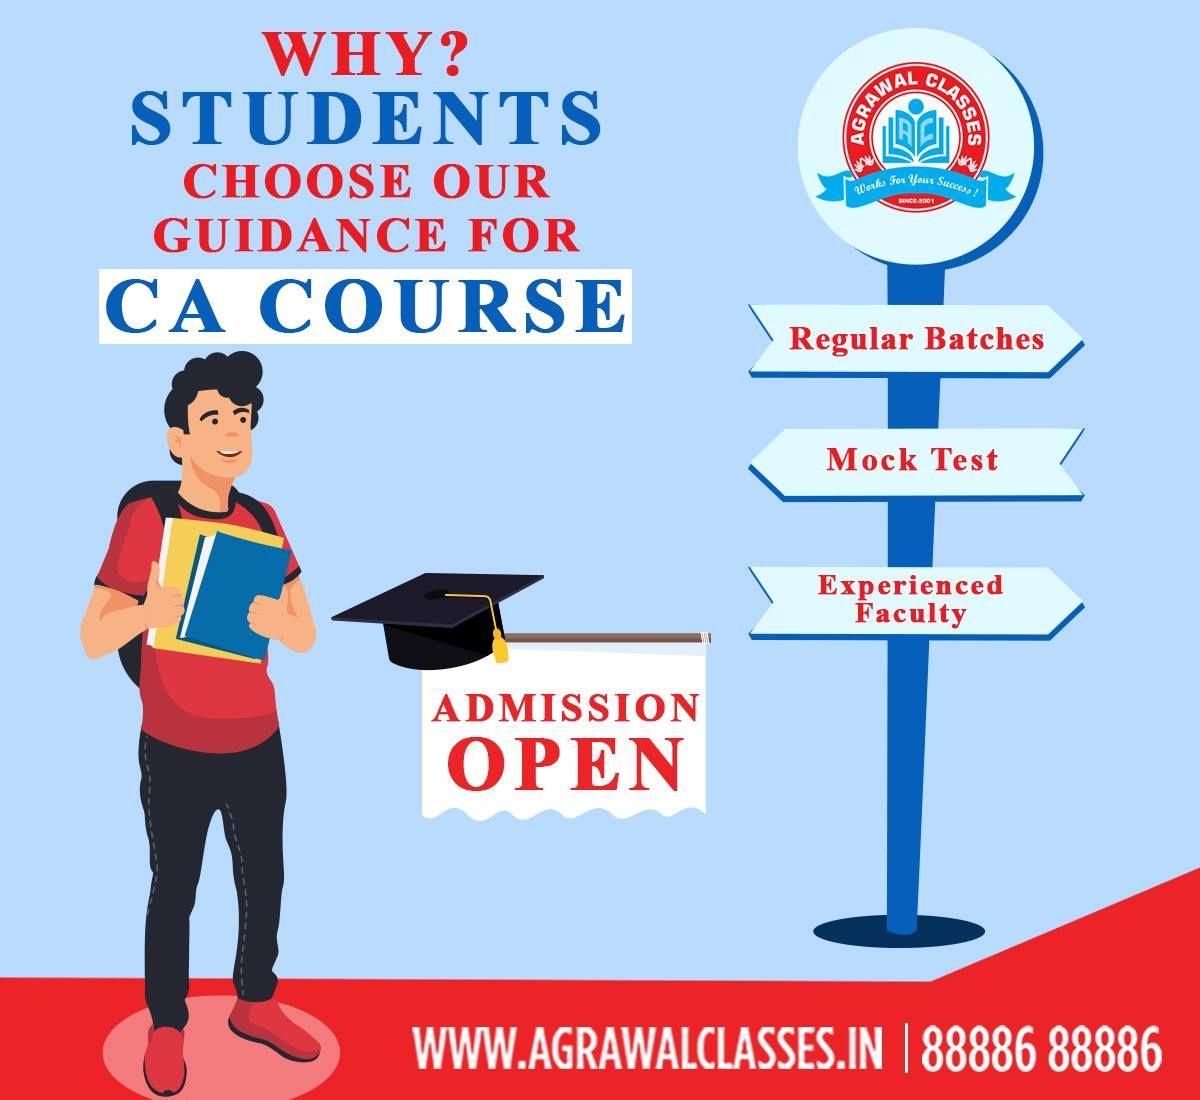 Final Tuition classes, Coaching, Class